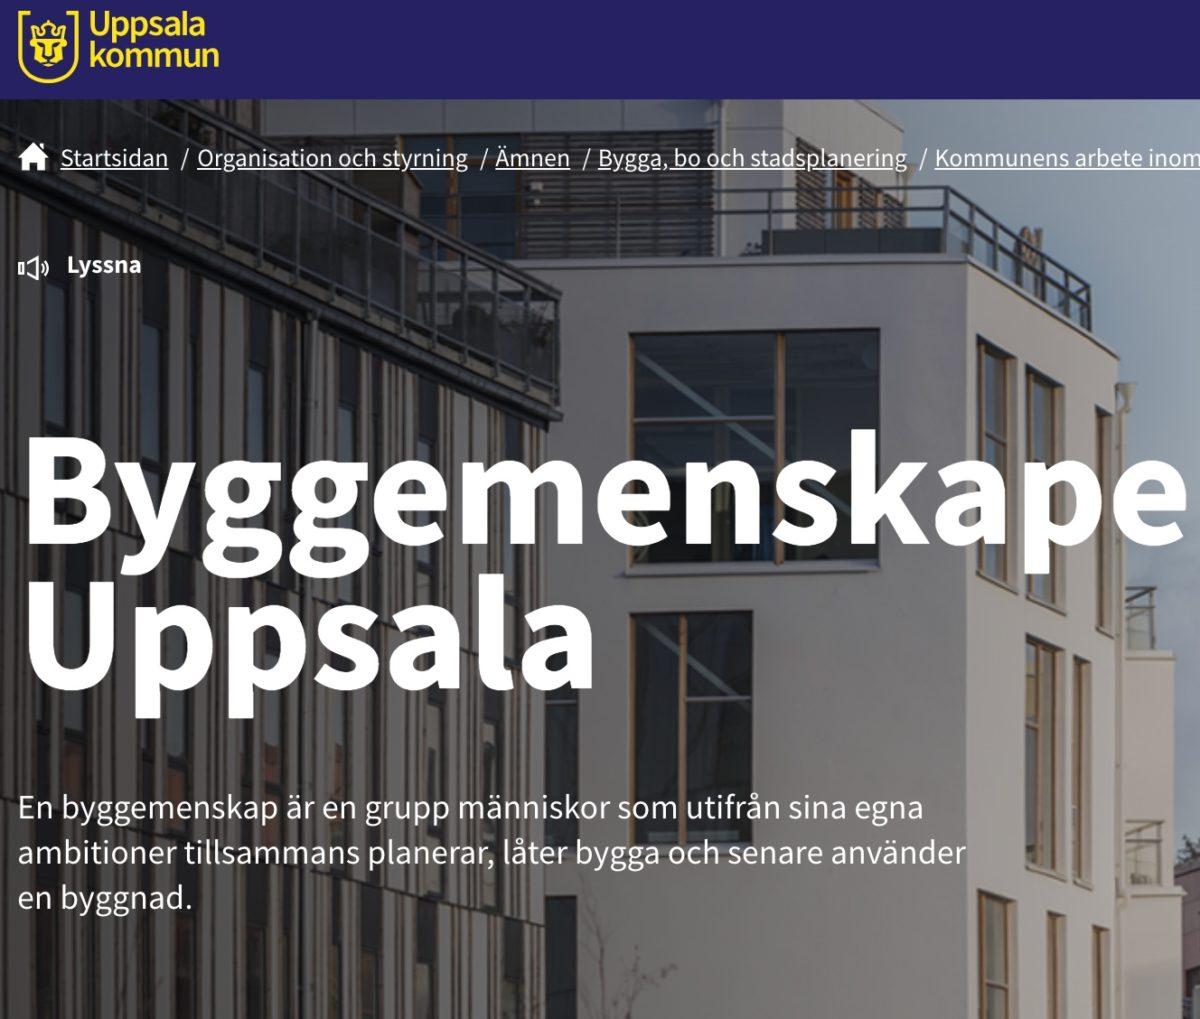 Uppsala erbjuder tomter för byggemenskaper